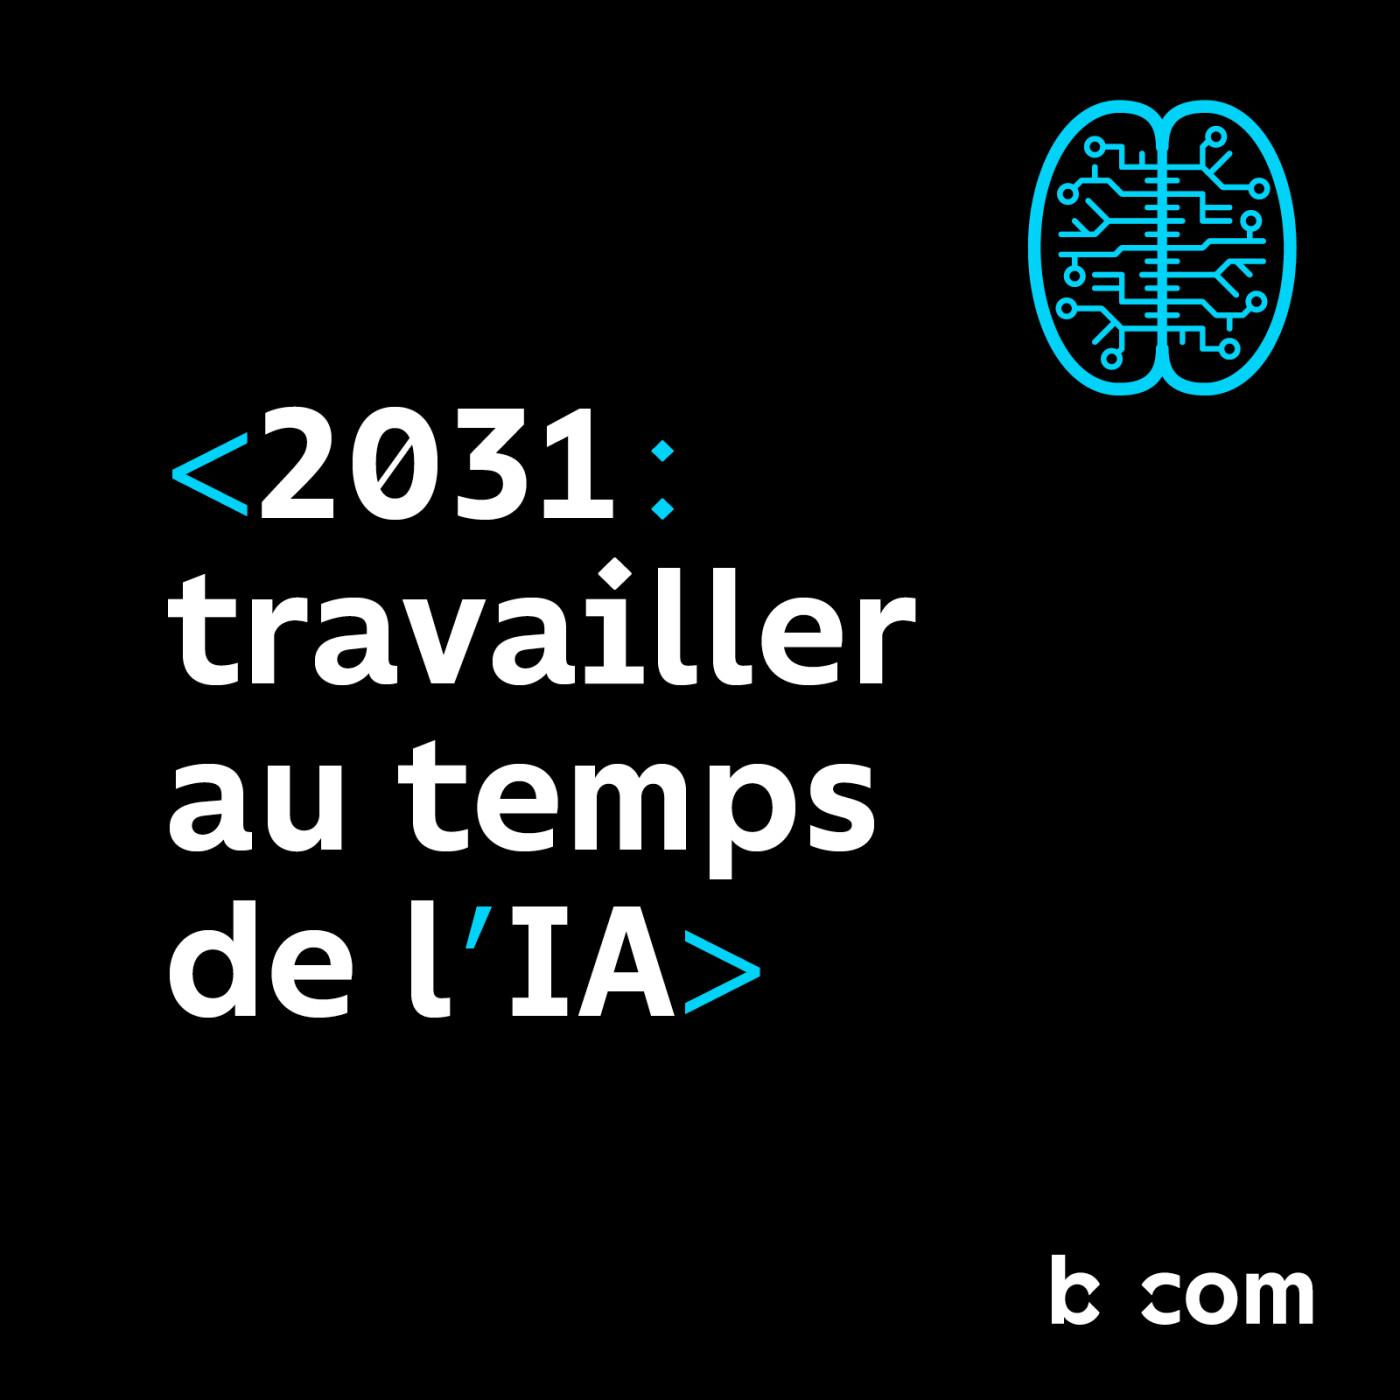 2031 : Travailler au temps de l'IA